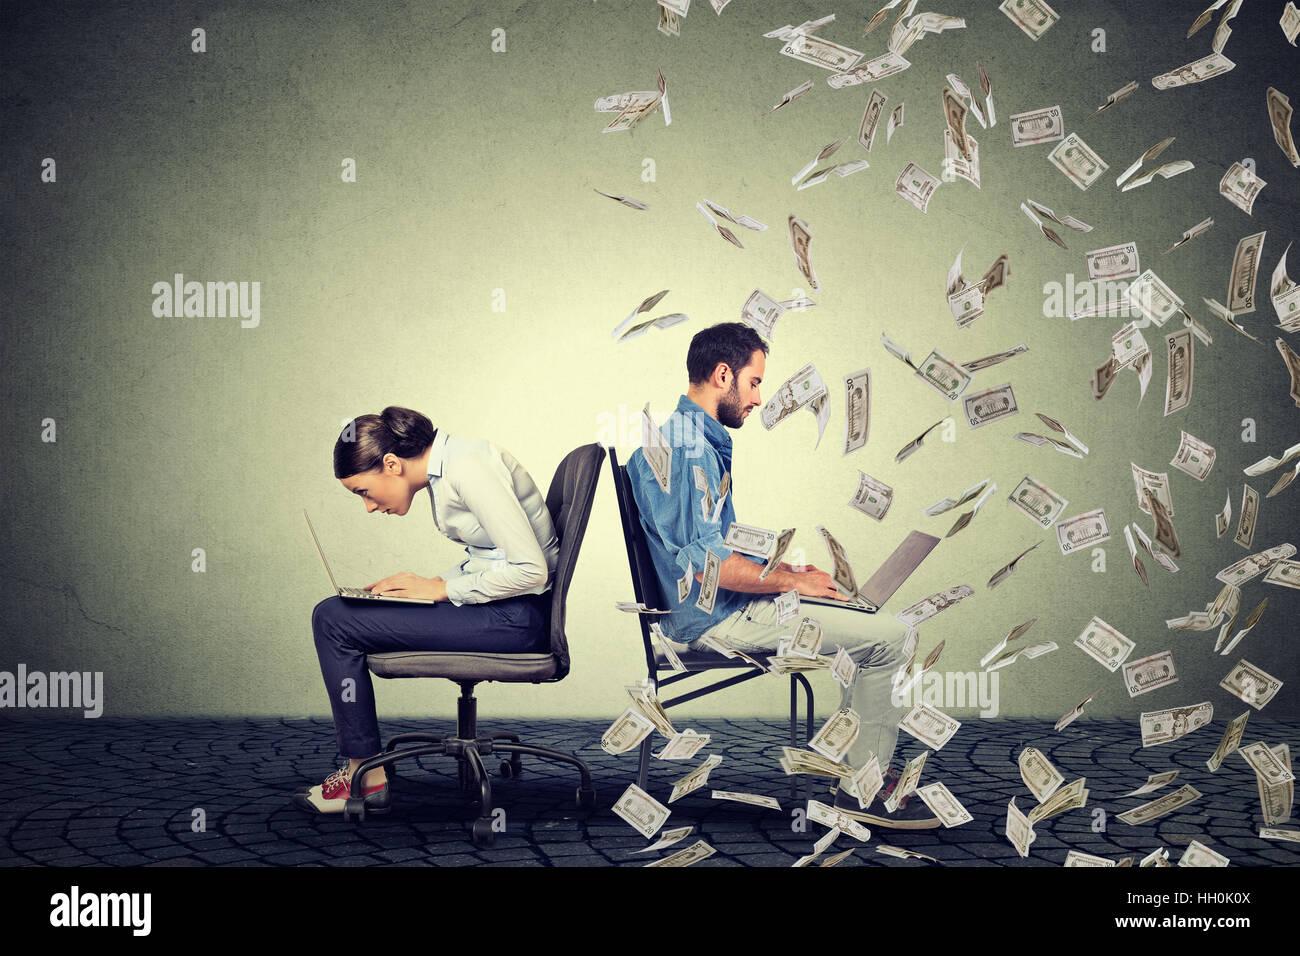 La rémunération des salariés de l'économie concept. Woman working on laptop assis à côté de jeune homme sous la Banque D'Images